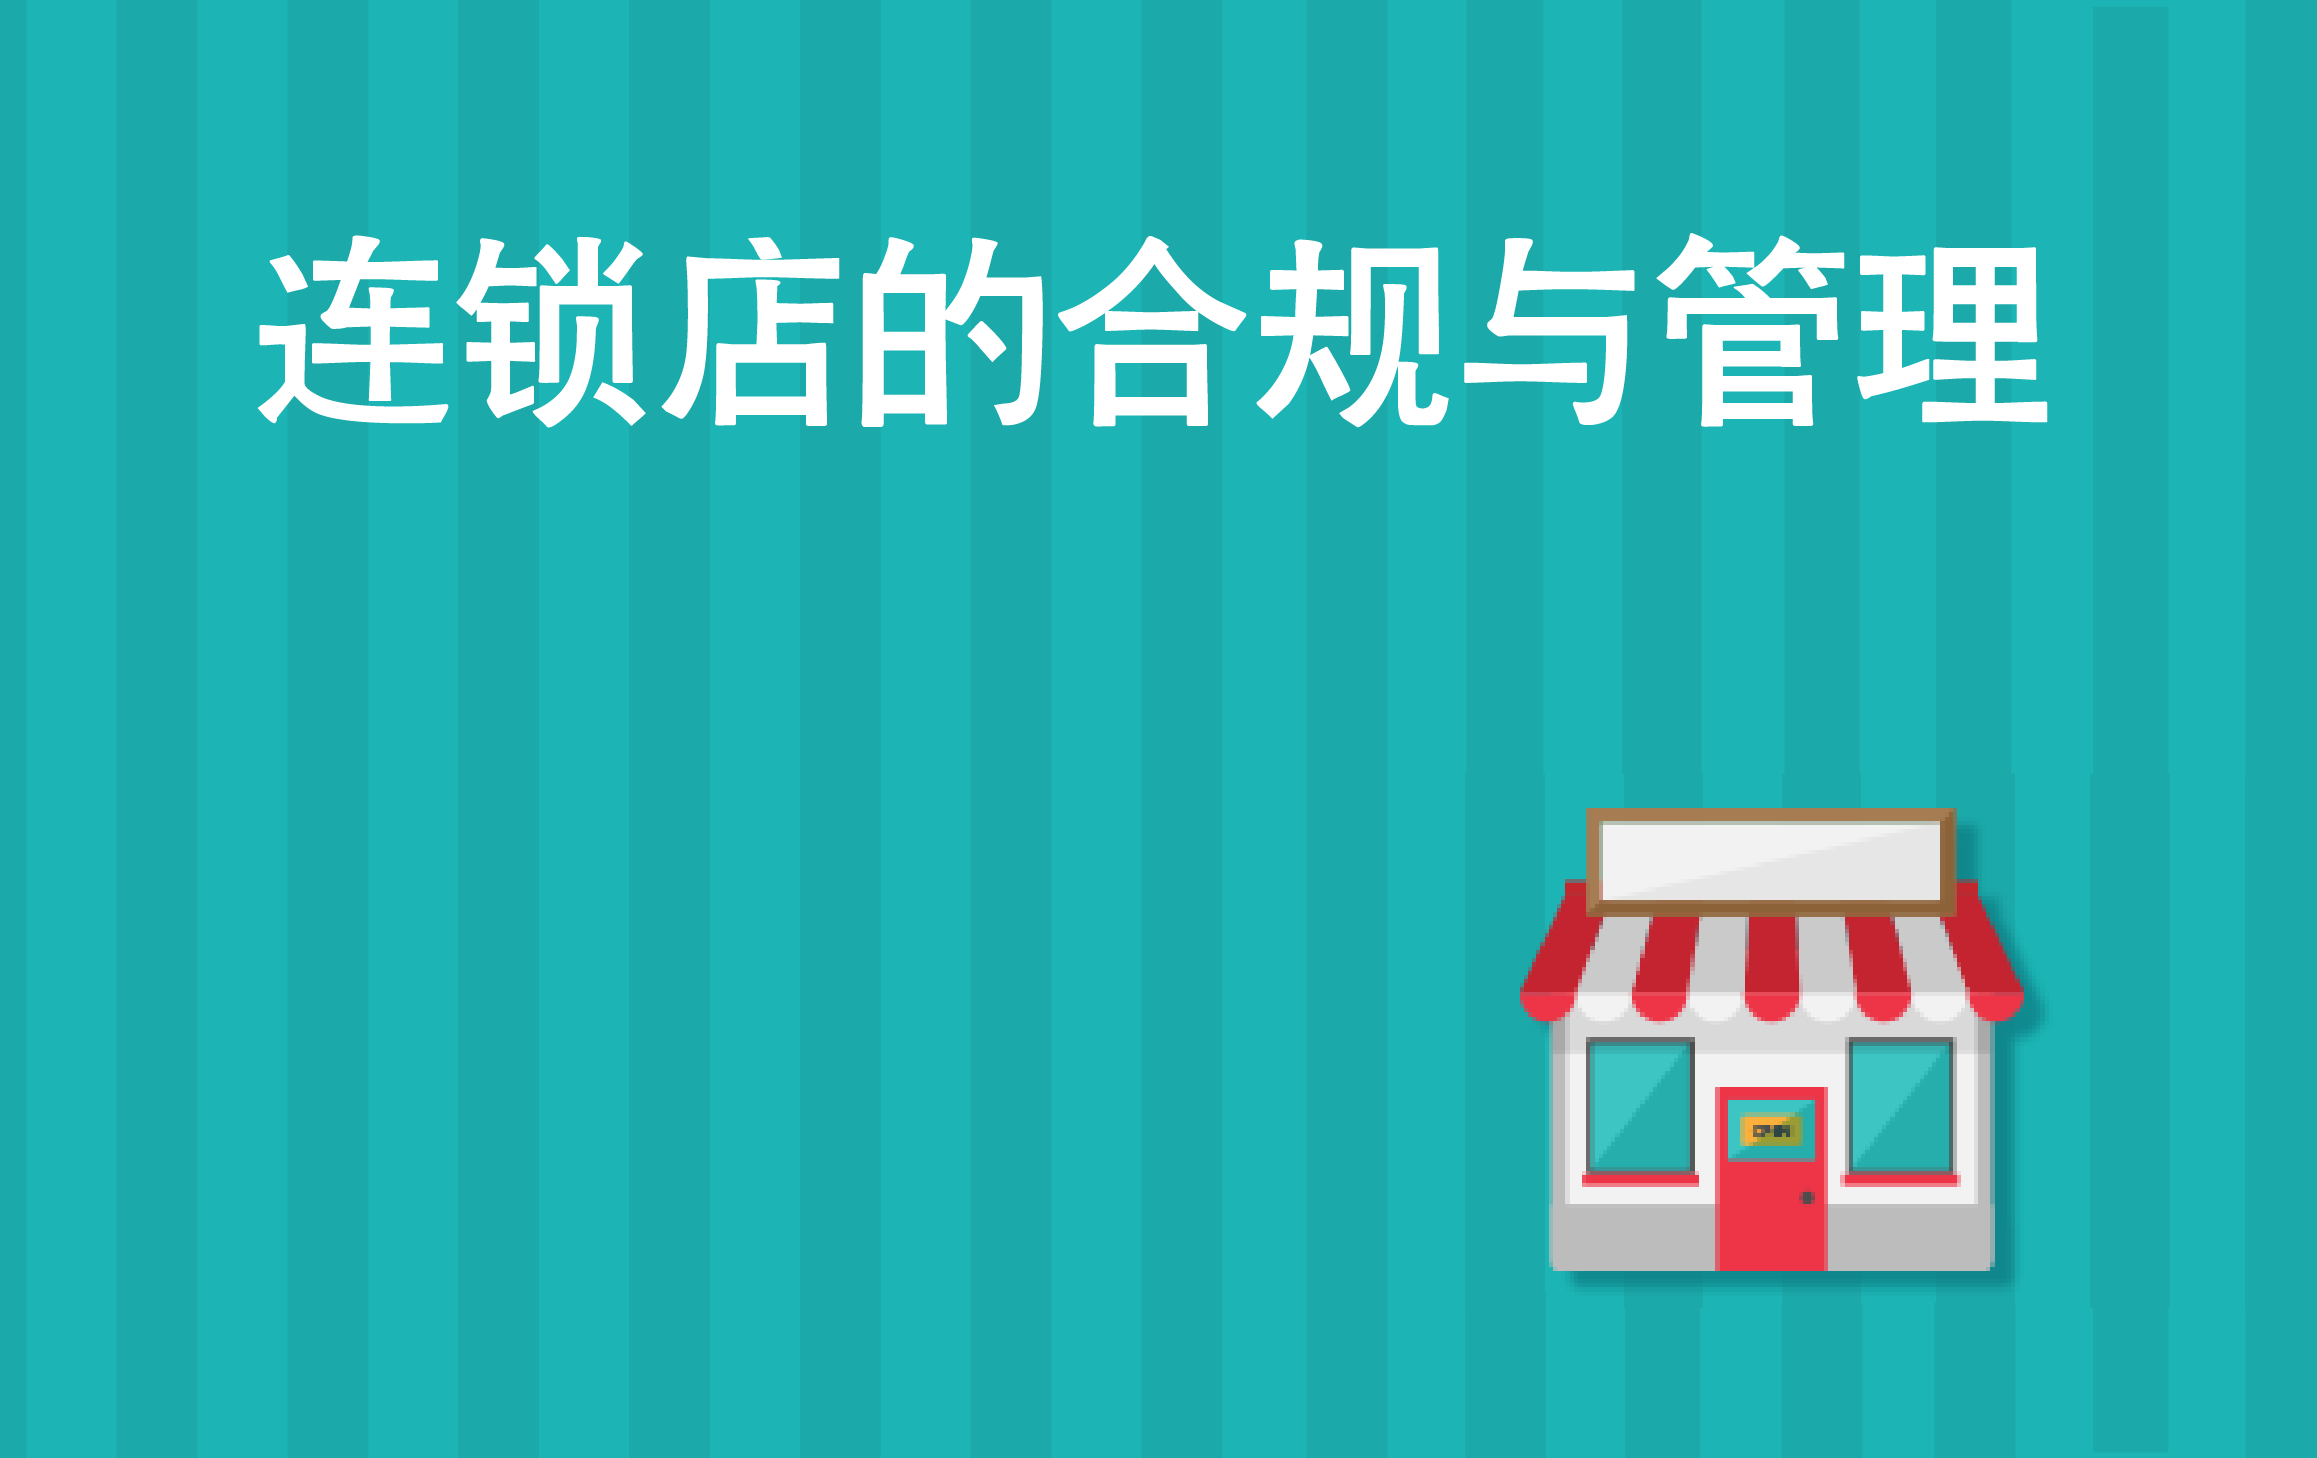 不同连锁店经营模式的税务合规与管理